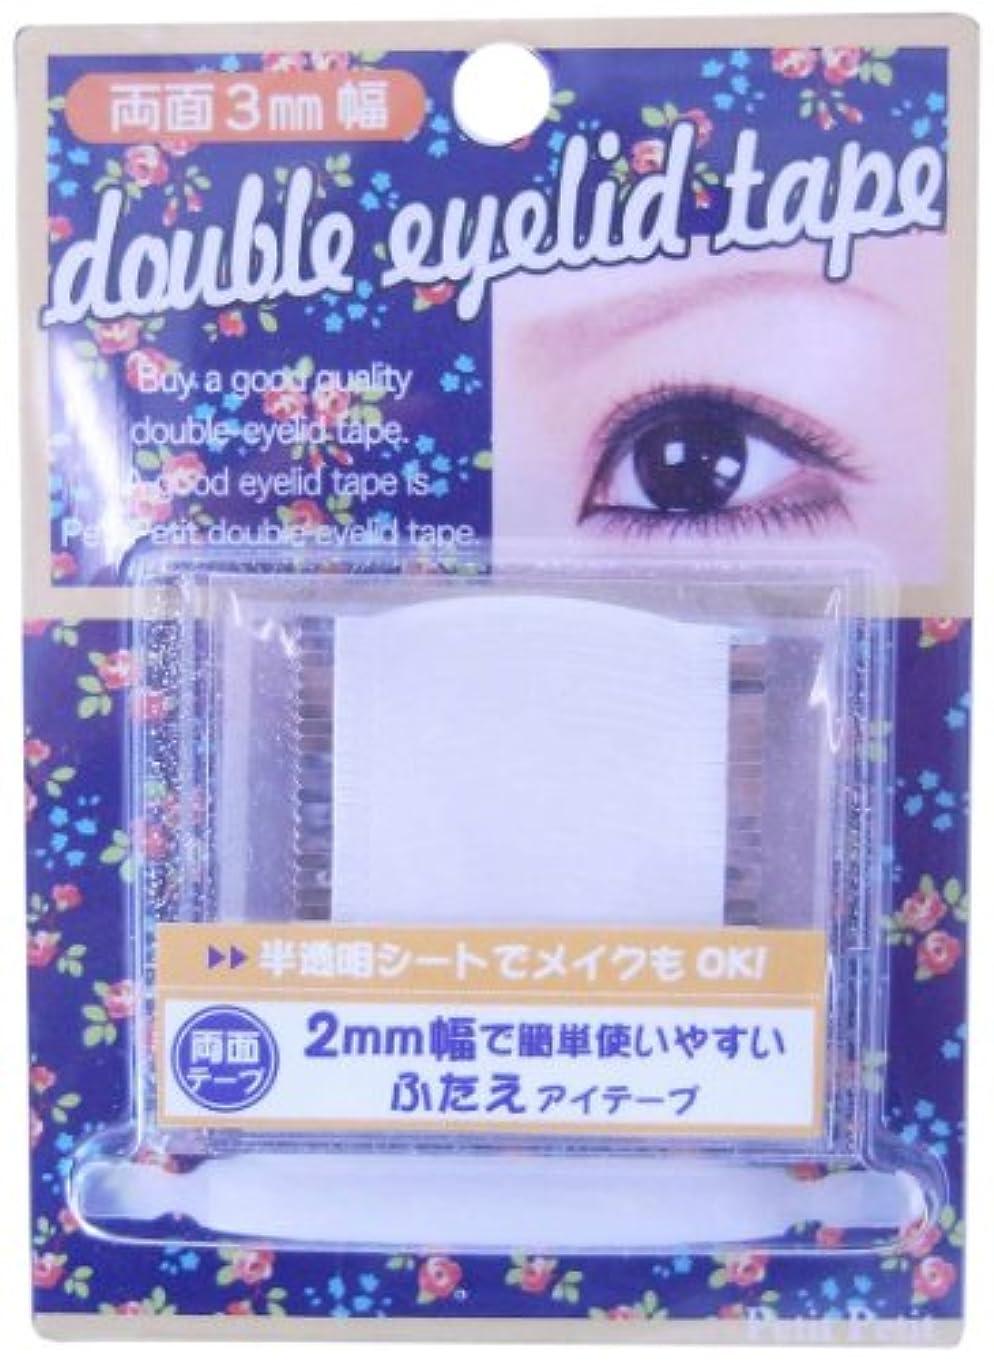 美的収まるトーストダブルアイリッドテープ 両面1.5mm PT74054